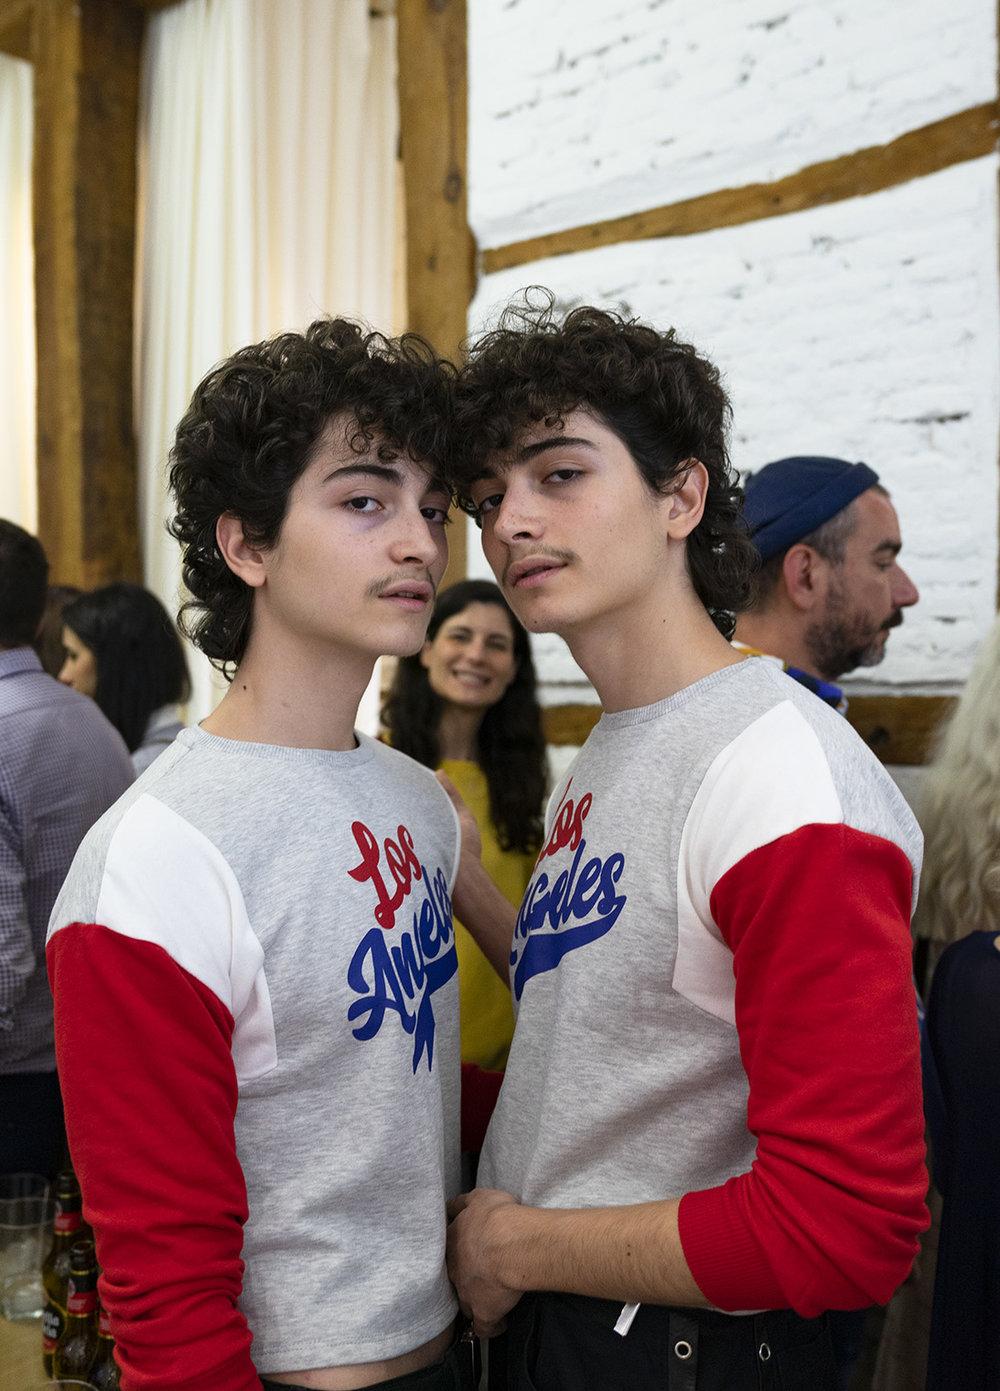 CaballeroCosmica-Andres-Gallardo-peiteado-twins.jpg